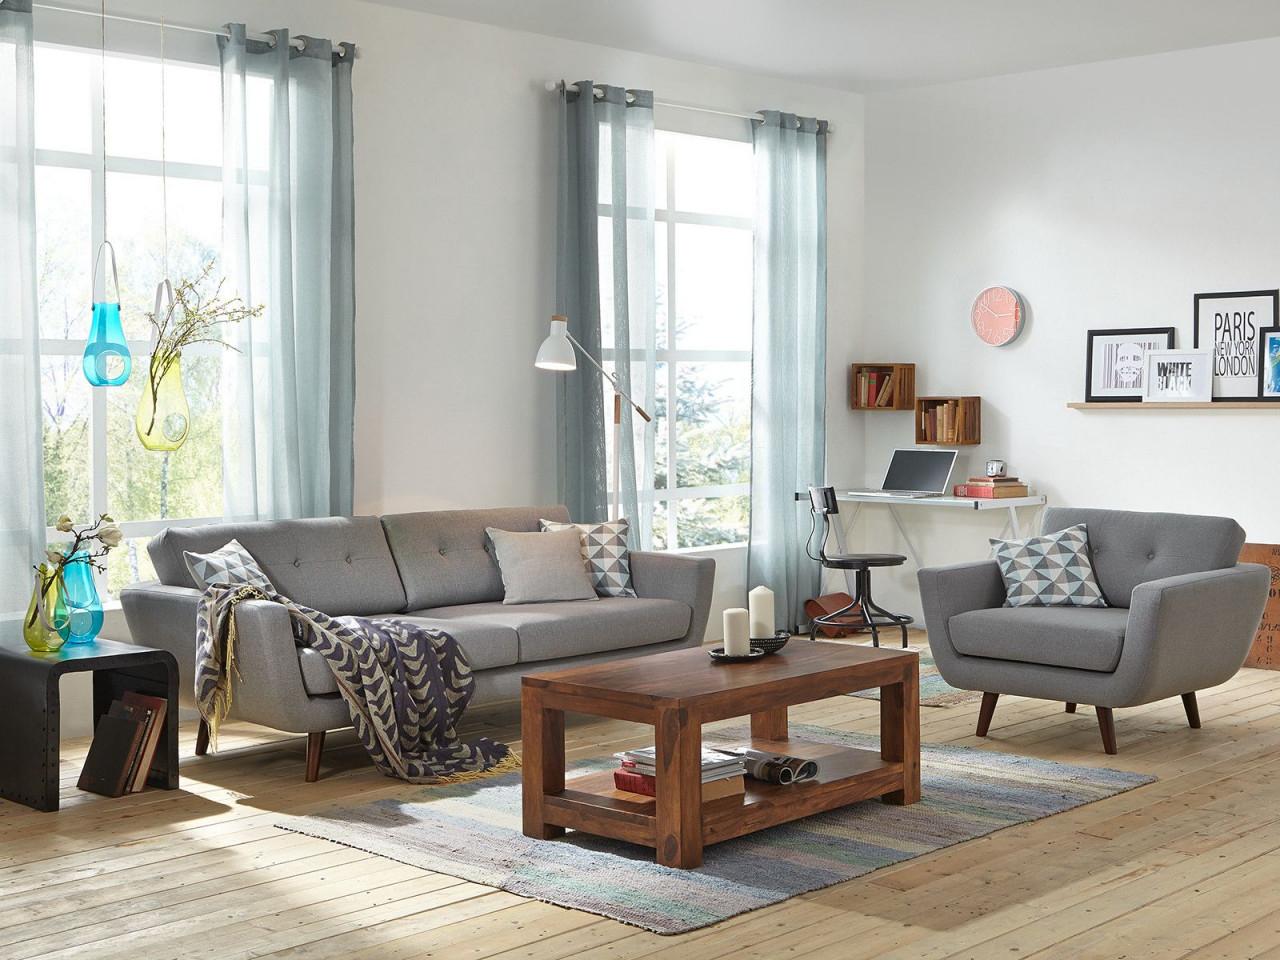 Sofa Grau  Wohnen Graue Möbel Wohnzimmer Einrichten von Wohnzimmer Rechteckig Einrichten Bild